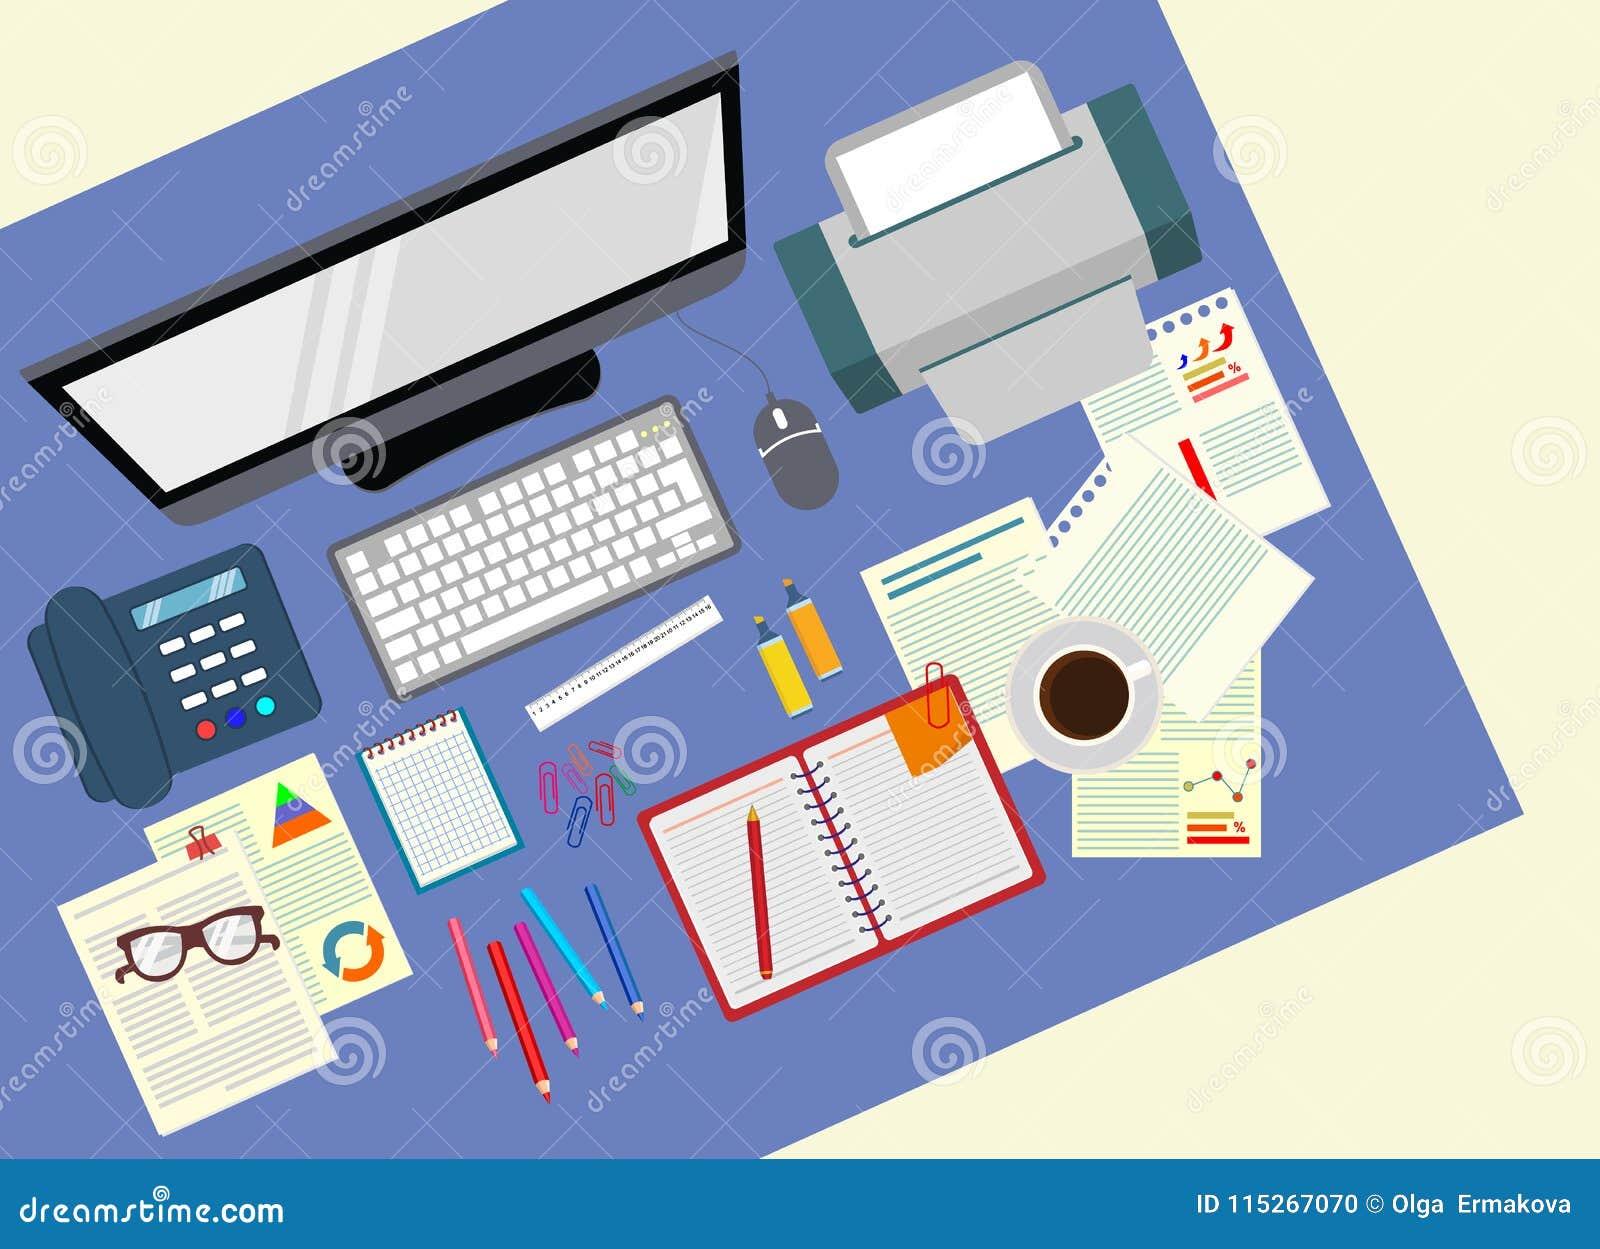 Skrivbord kontor Realistisk arbetsplatsorganisation övre sikt konstruktionsillustrationmateriel under vektor